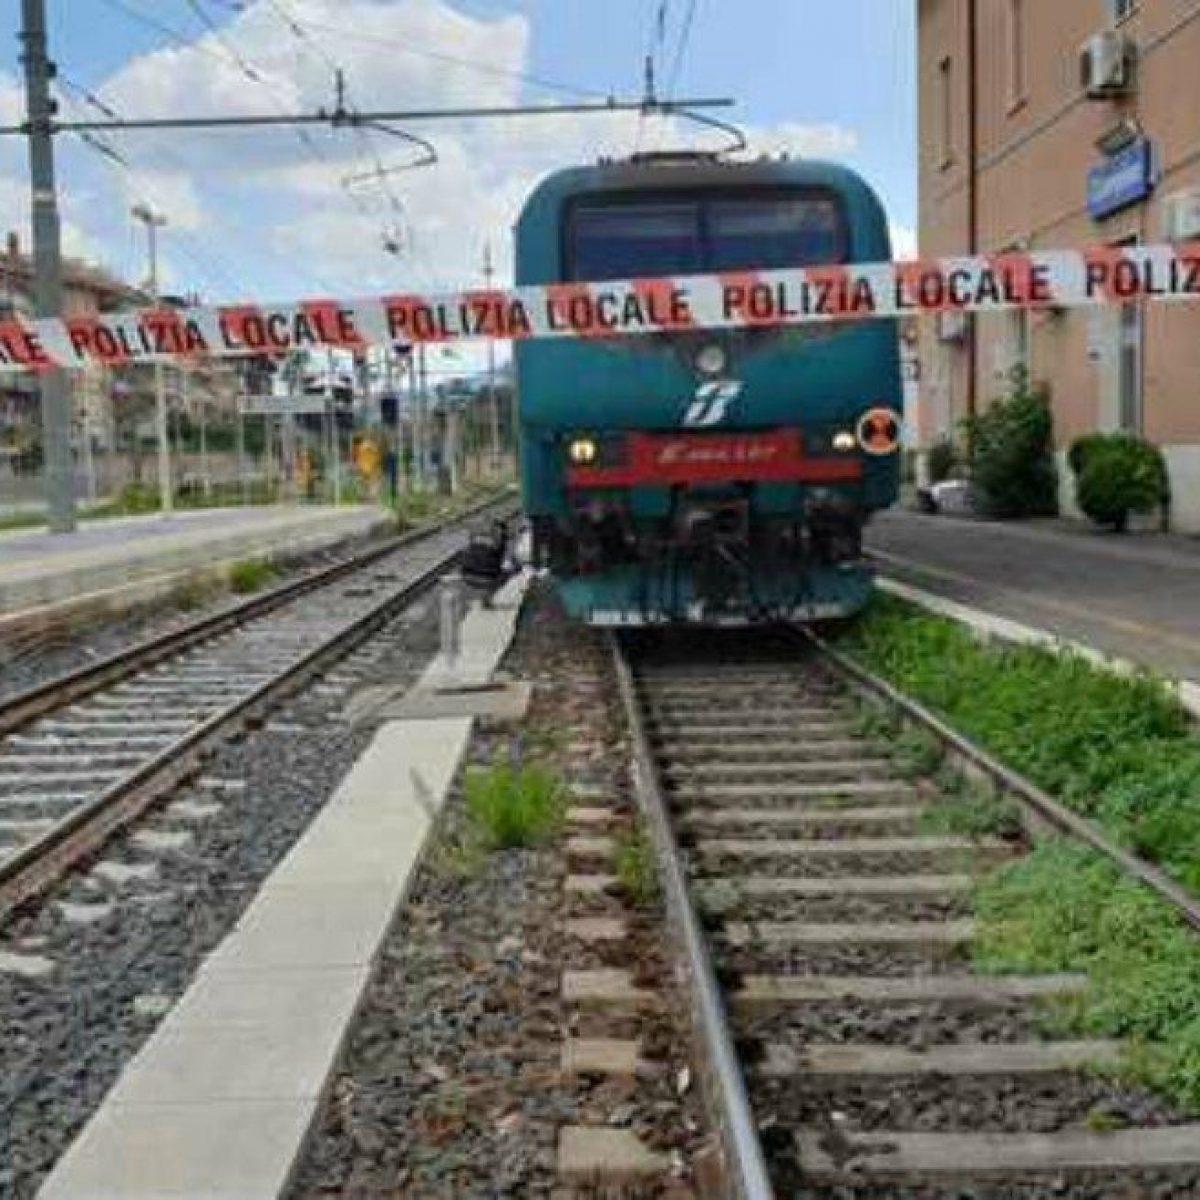 cerco lavoro a domicilio uncinetto binario treno milano centrale monza